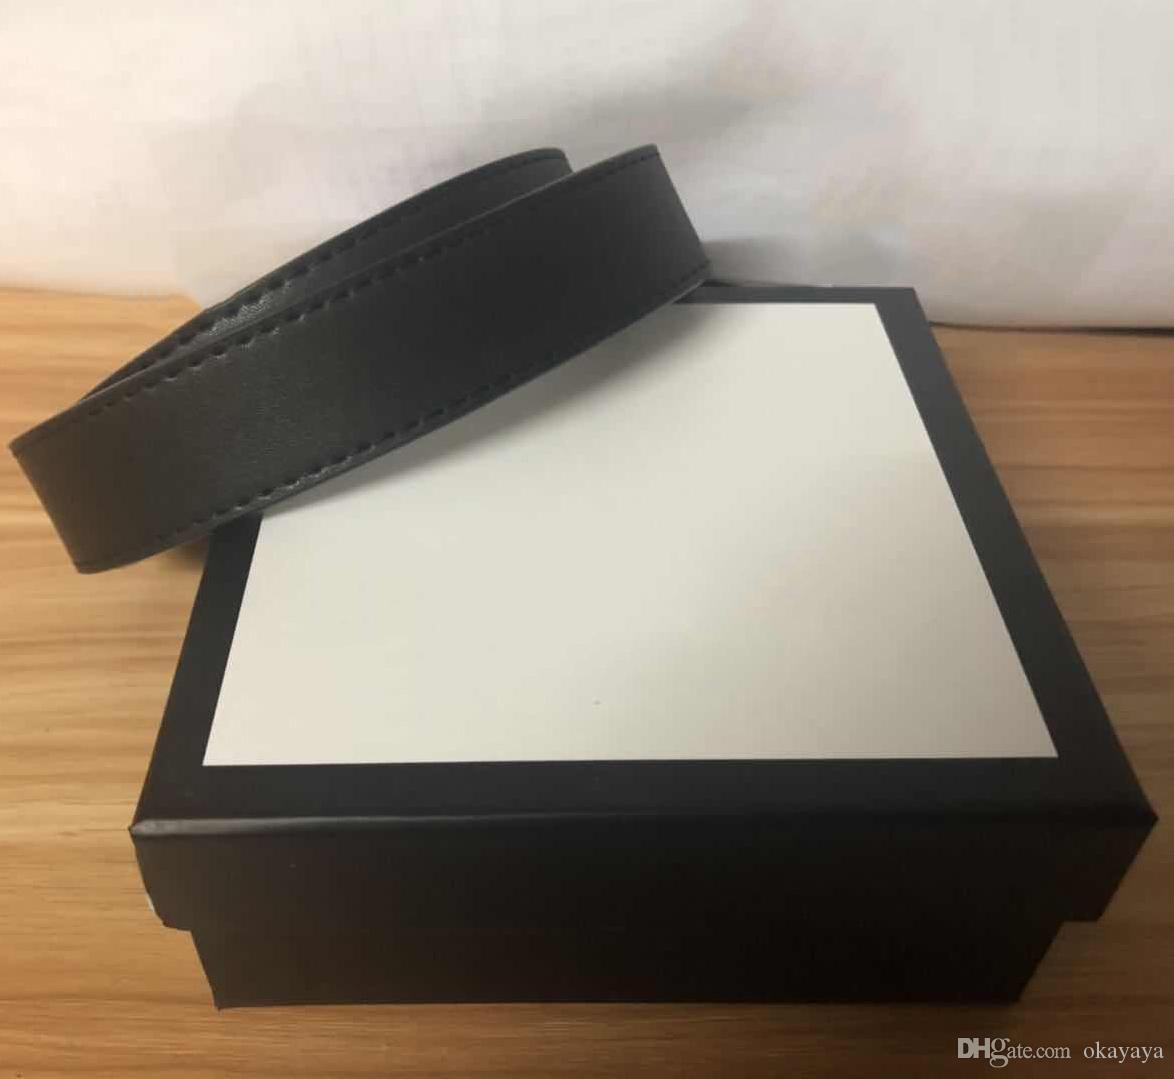 Cintos Homens Cintos de moda Belt Cintos de couro do negócio Womens Big fivela de ouro com Box N5